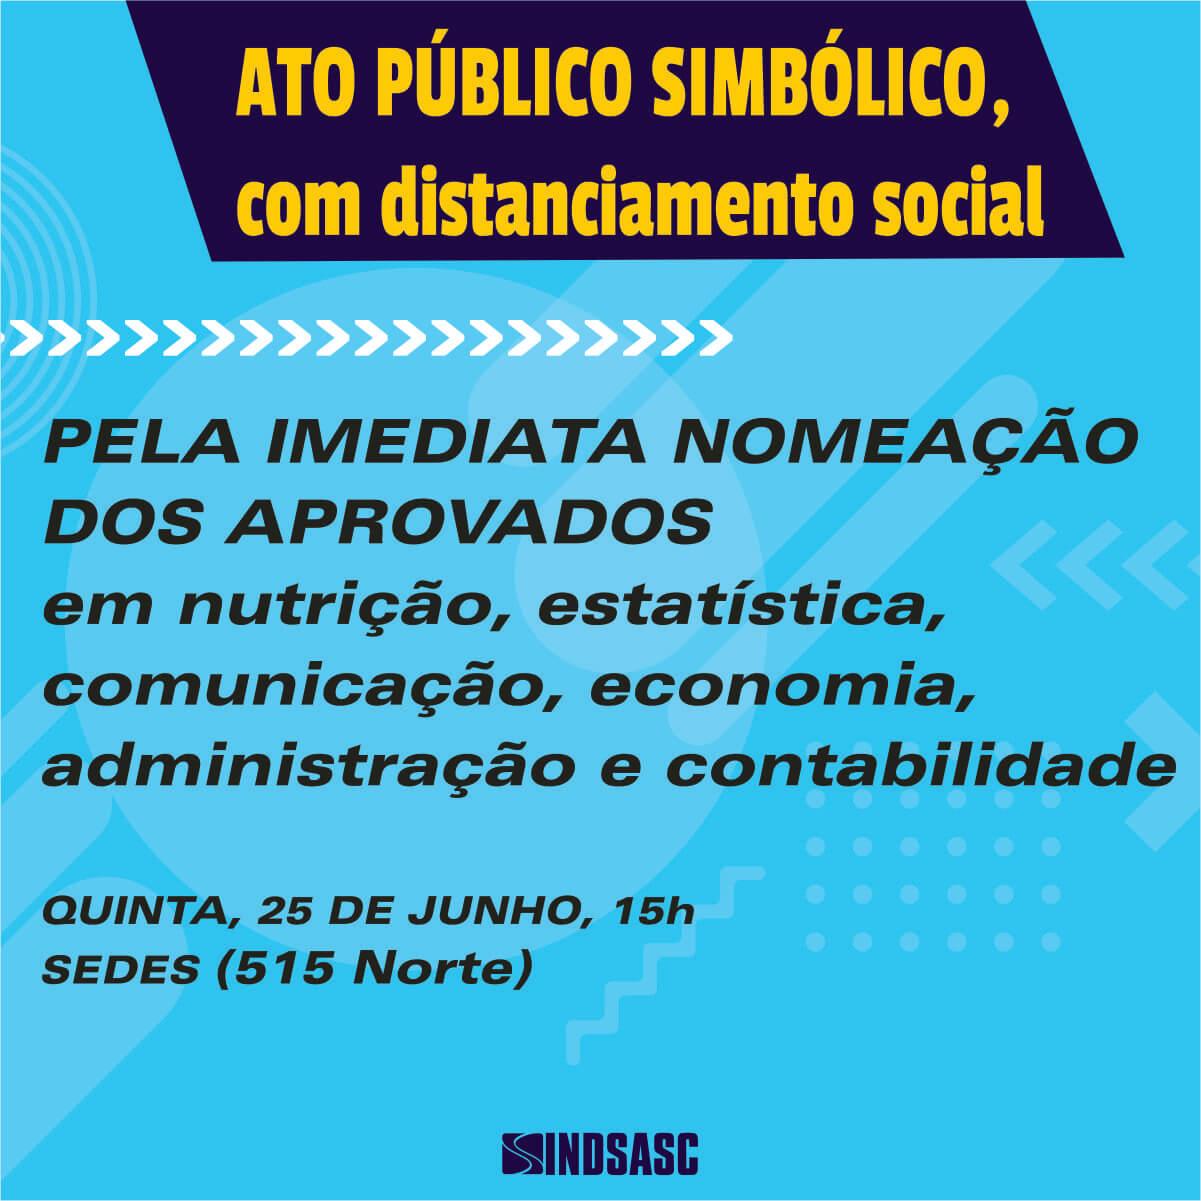 ATO PÚBLICO SIMBÓLICO, COM DISTANCIAMENTO SOCIAL